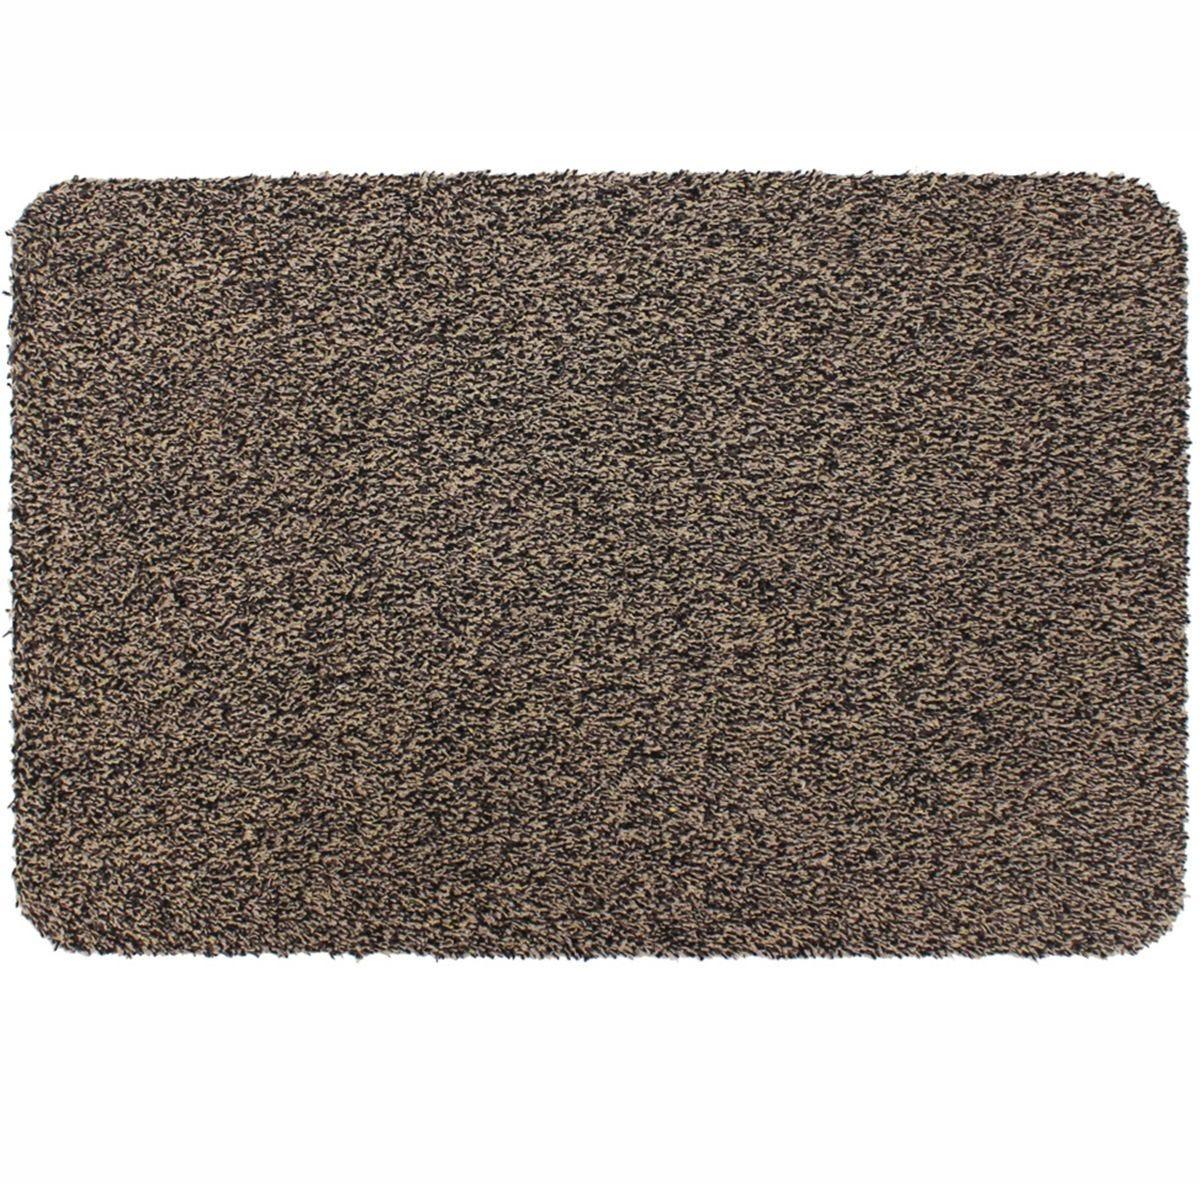 JVL 40x60cm Tanami Barrier Doormat - Brown